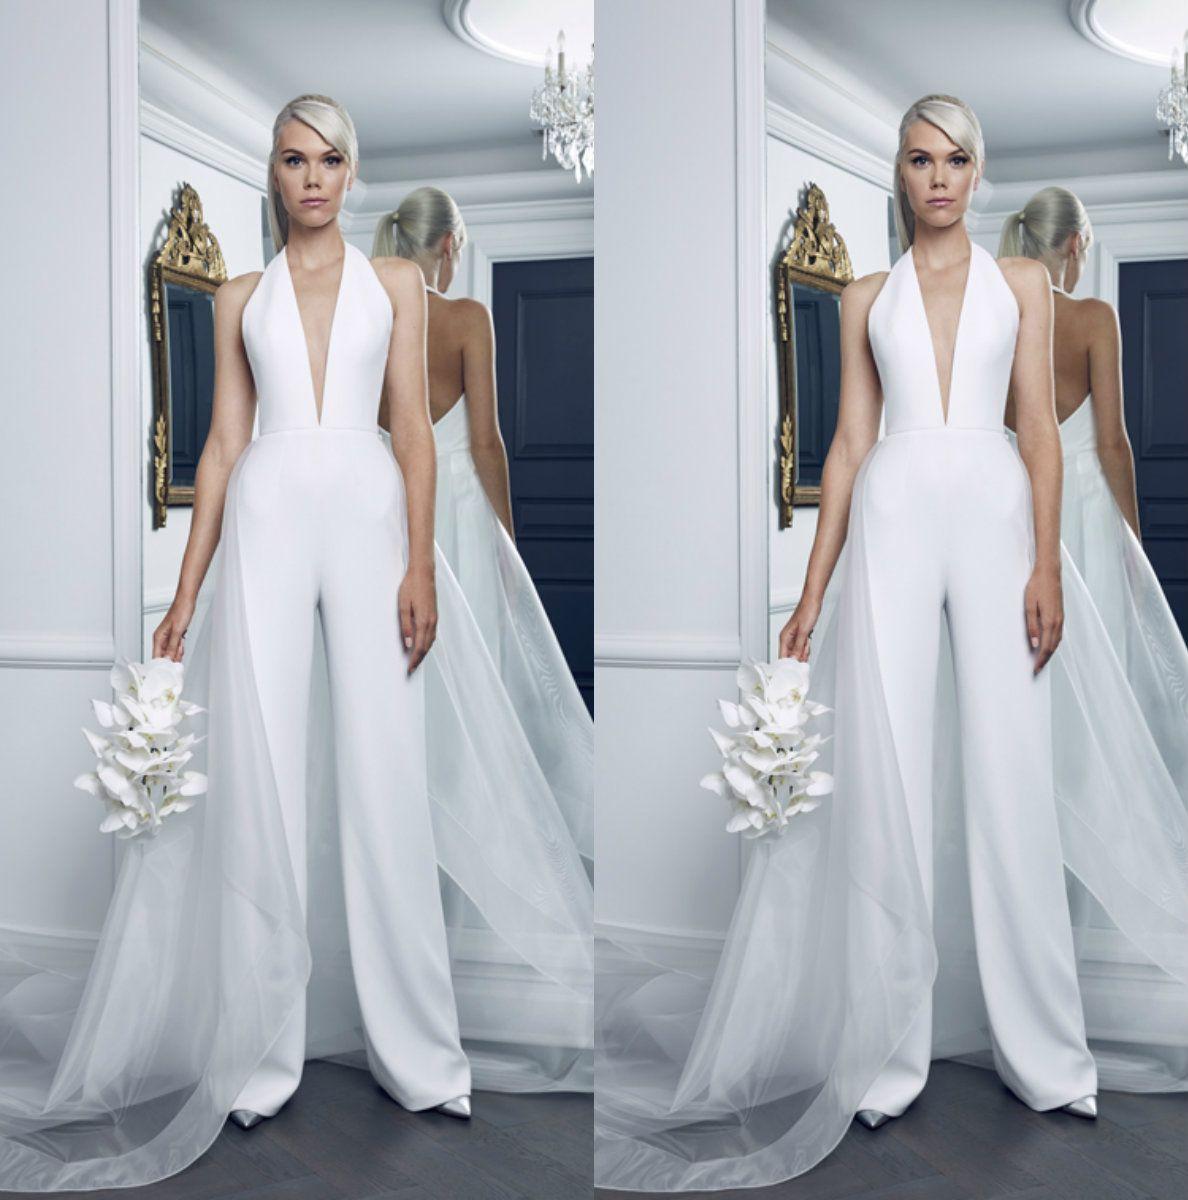 Discount Modest Plus Size Wedding Dresses Women Jumpsuits ...